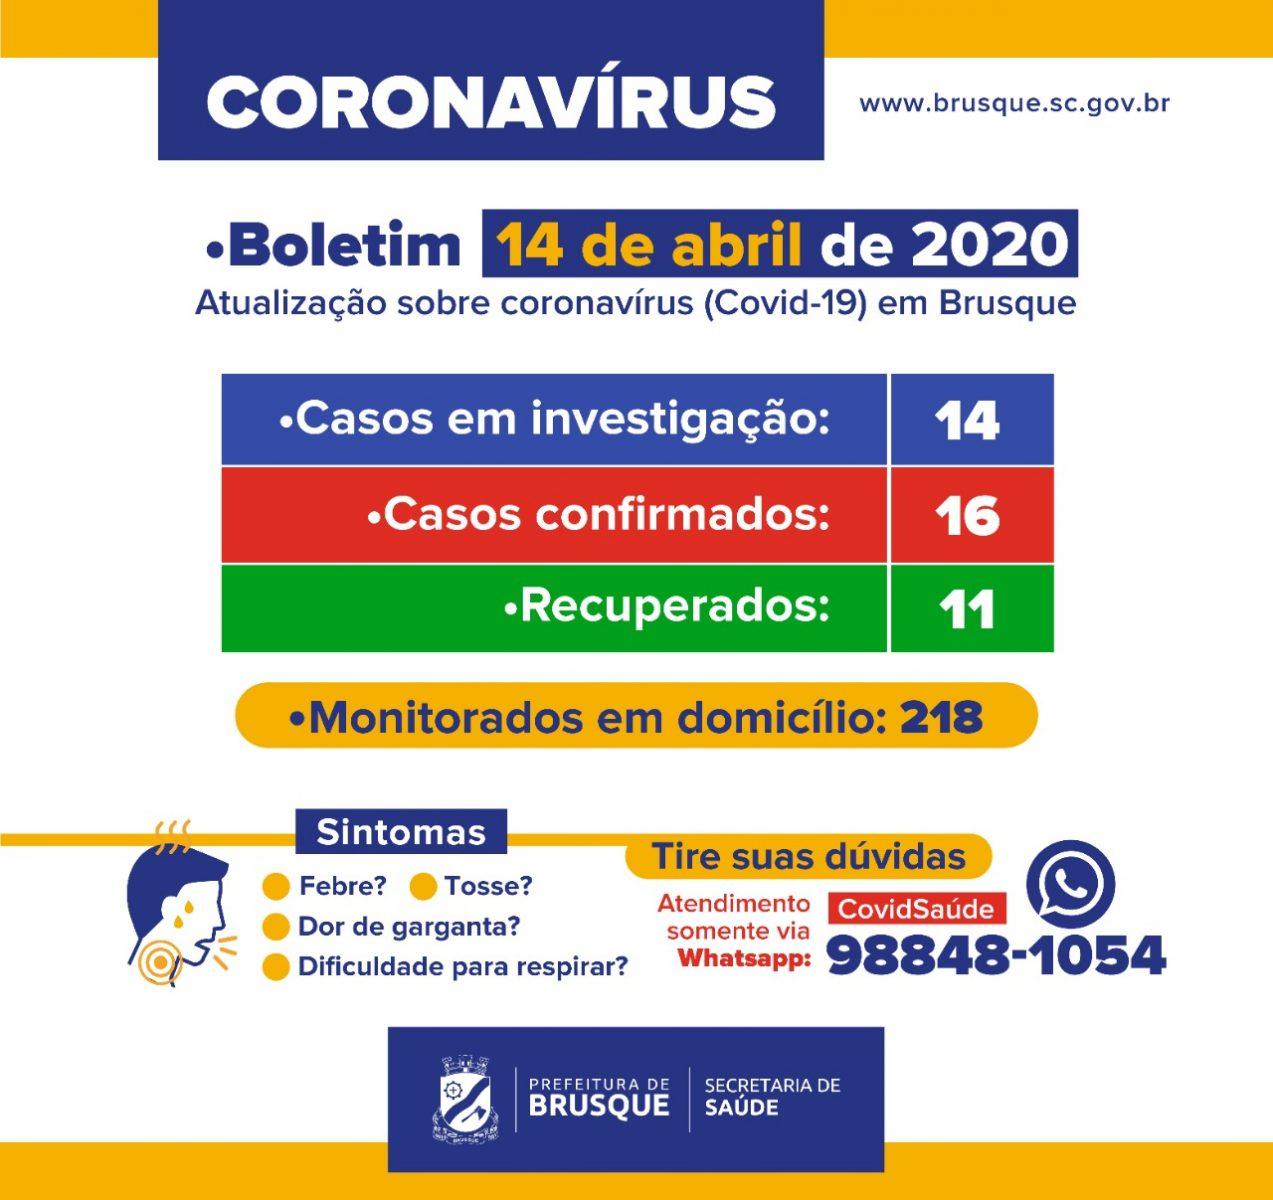 Brusque já tem 11 pacientes recuperados da Covid-19